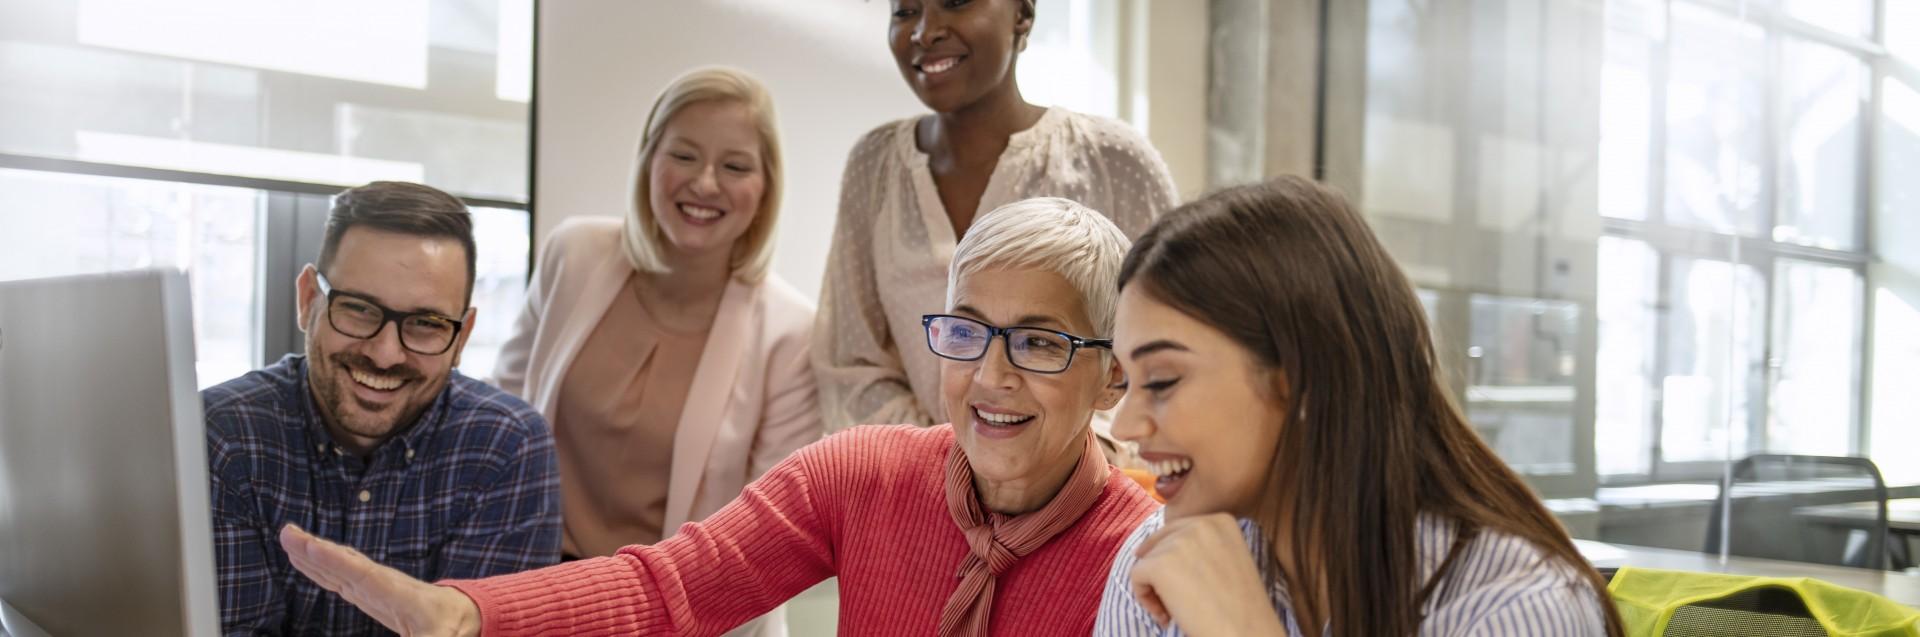 En gruppe lærere i forskjellig alder er samlet rundt en skjerm. Den eldste viser de andre noe. De følger interessert med.